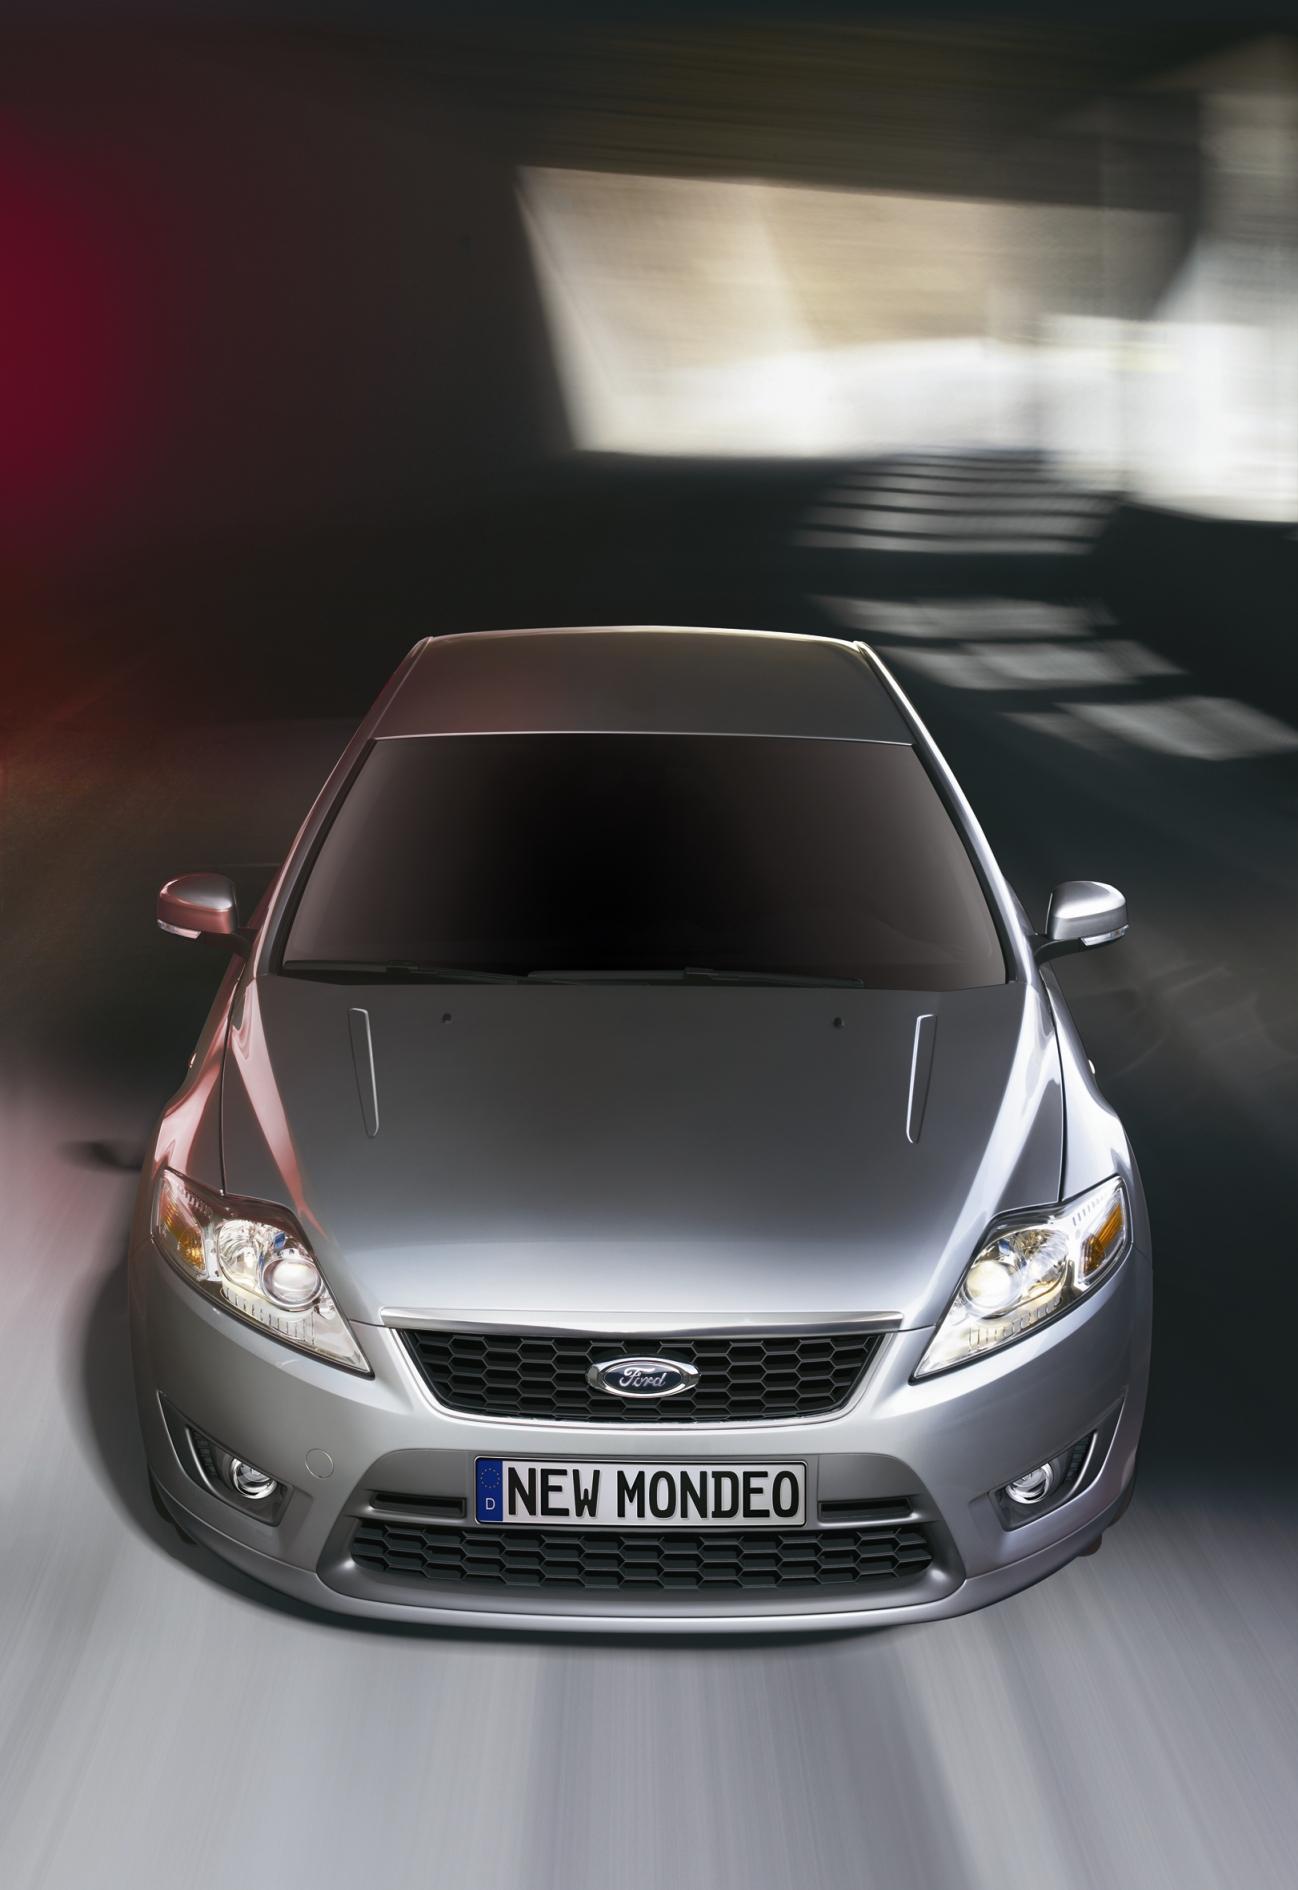 Ford New Mondeo 特仕車-1.jpg